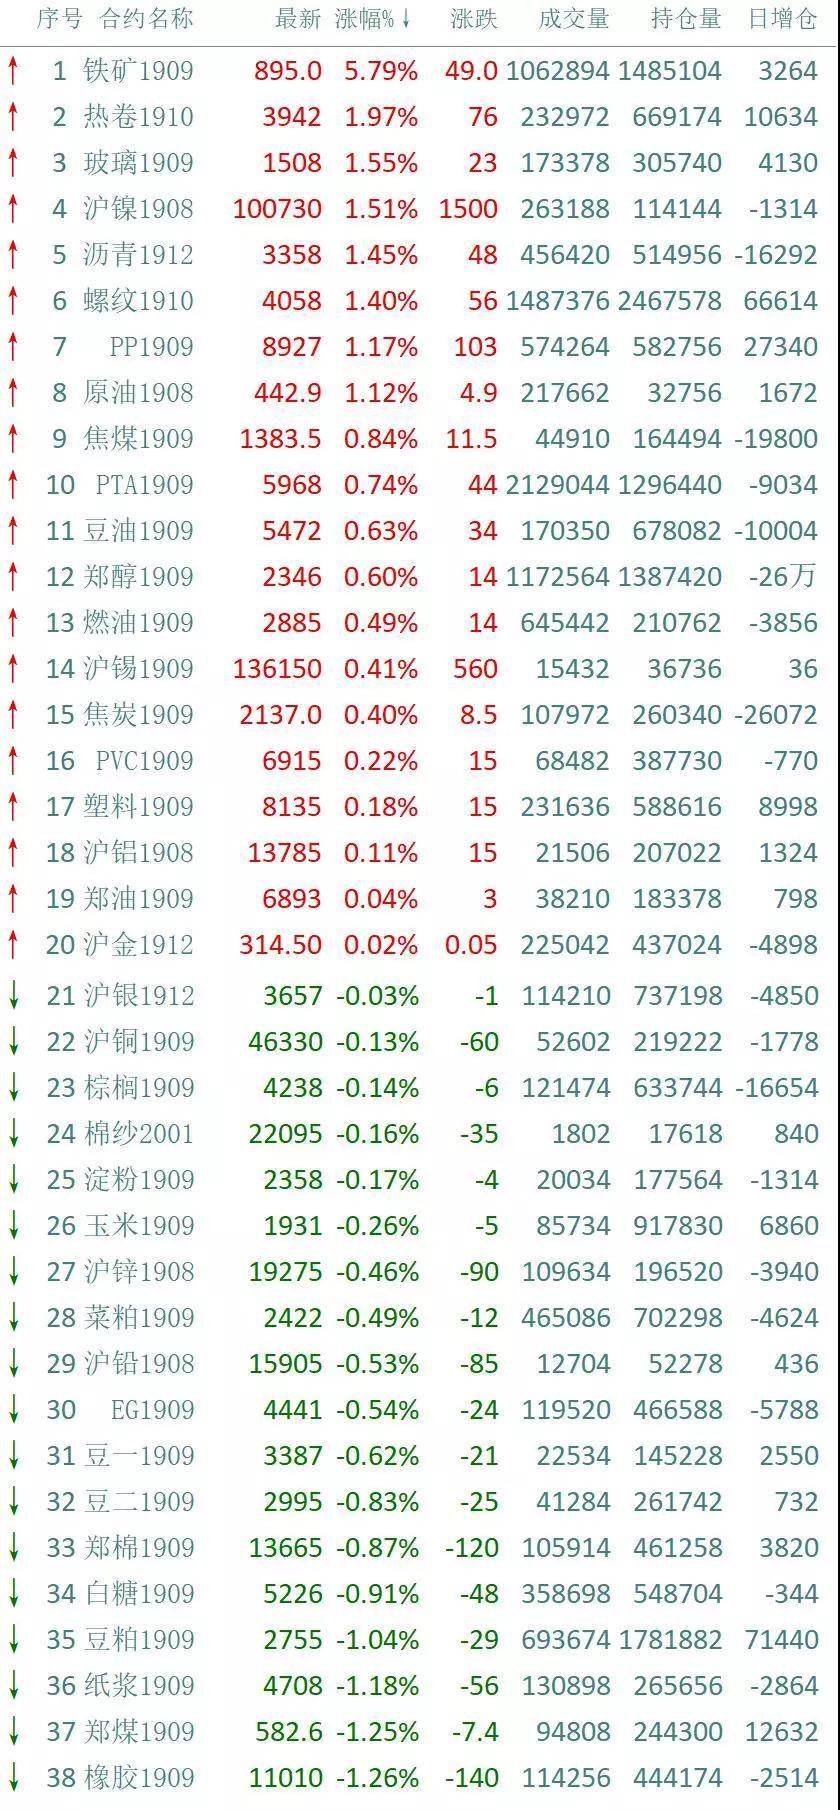 猎鹰解期:铁矿再度大涨近6%,欧美股市全线收跌